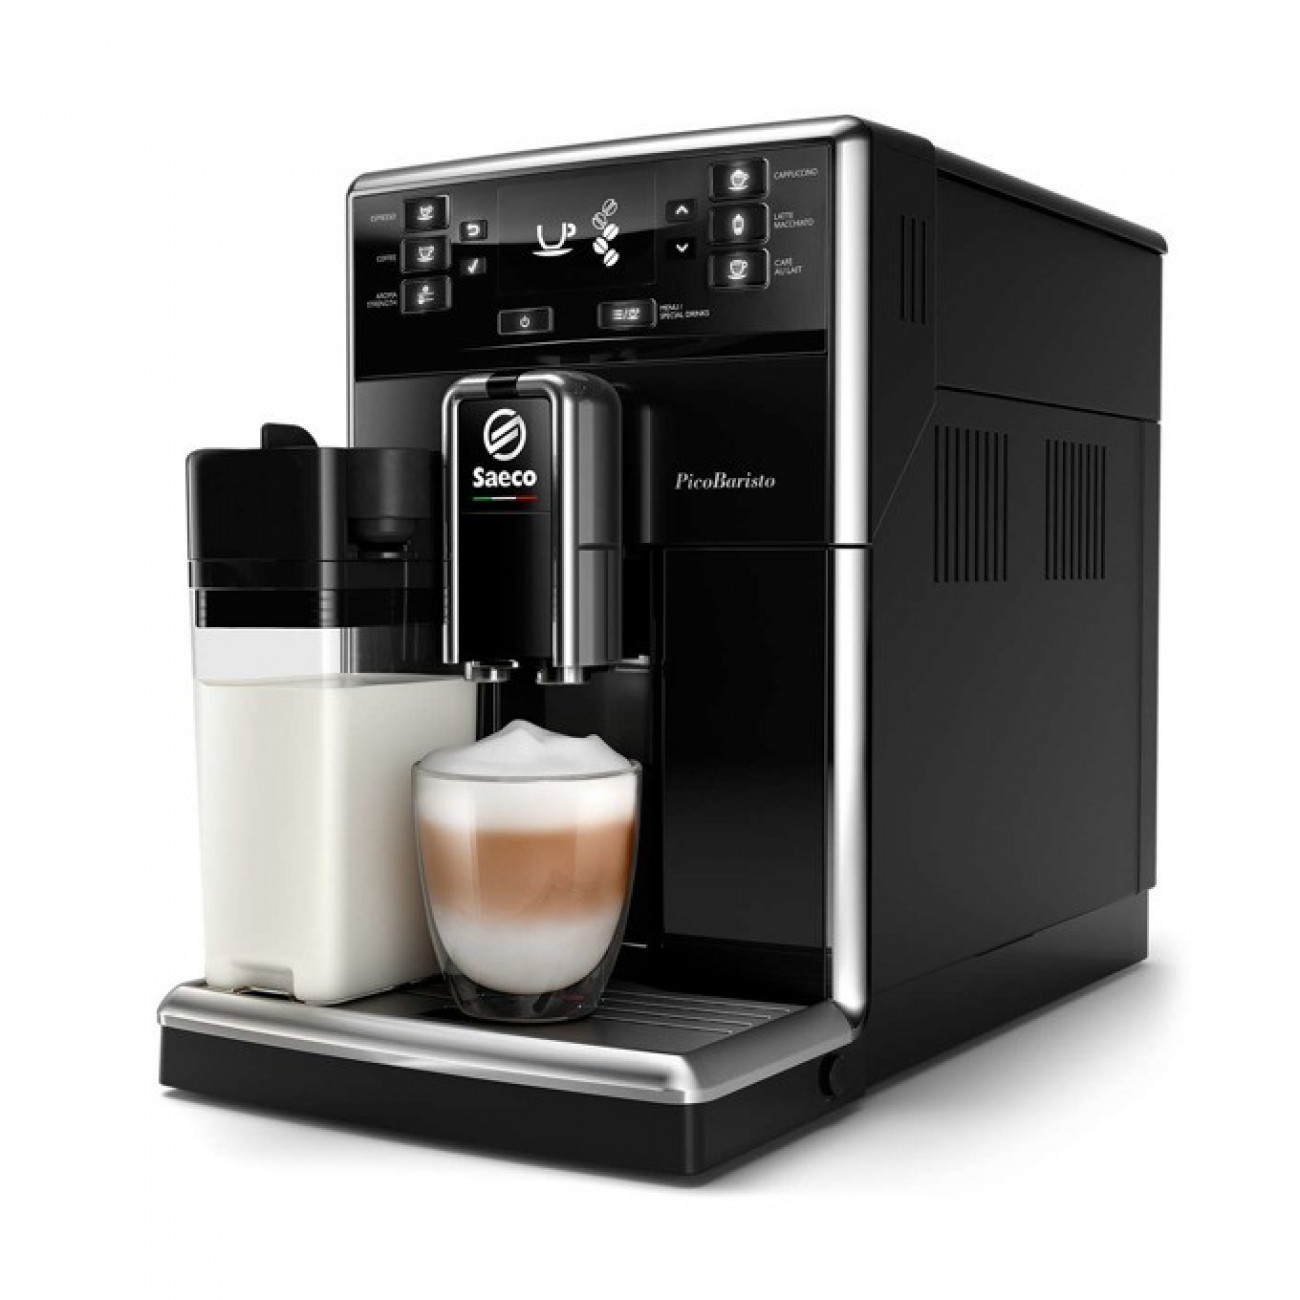 Aвтоматична еспресо кафемашина Philips Saeco PicoBaristo, 10 напитки, вградена първокласна кана за мляко, предна част с цвят Piano Black, 10-степенна регулируема мелачка в Кафемашини -  | Alleop